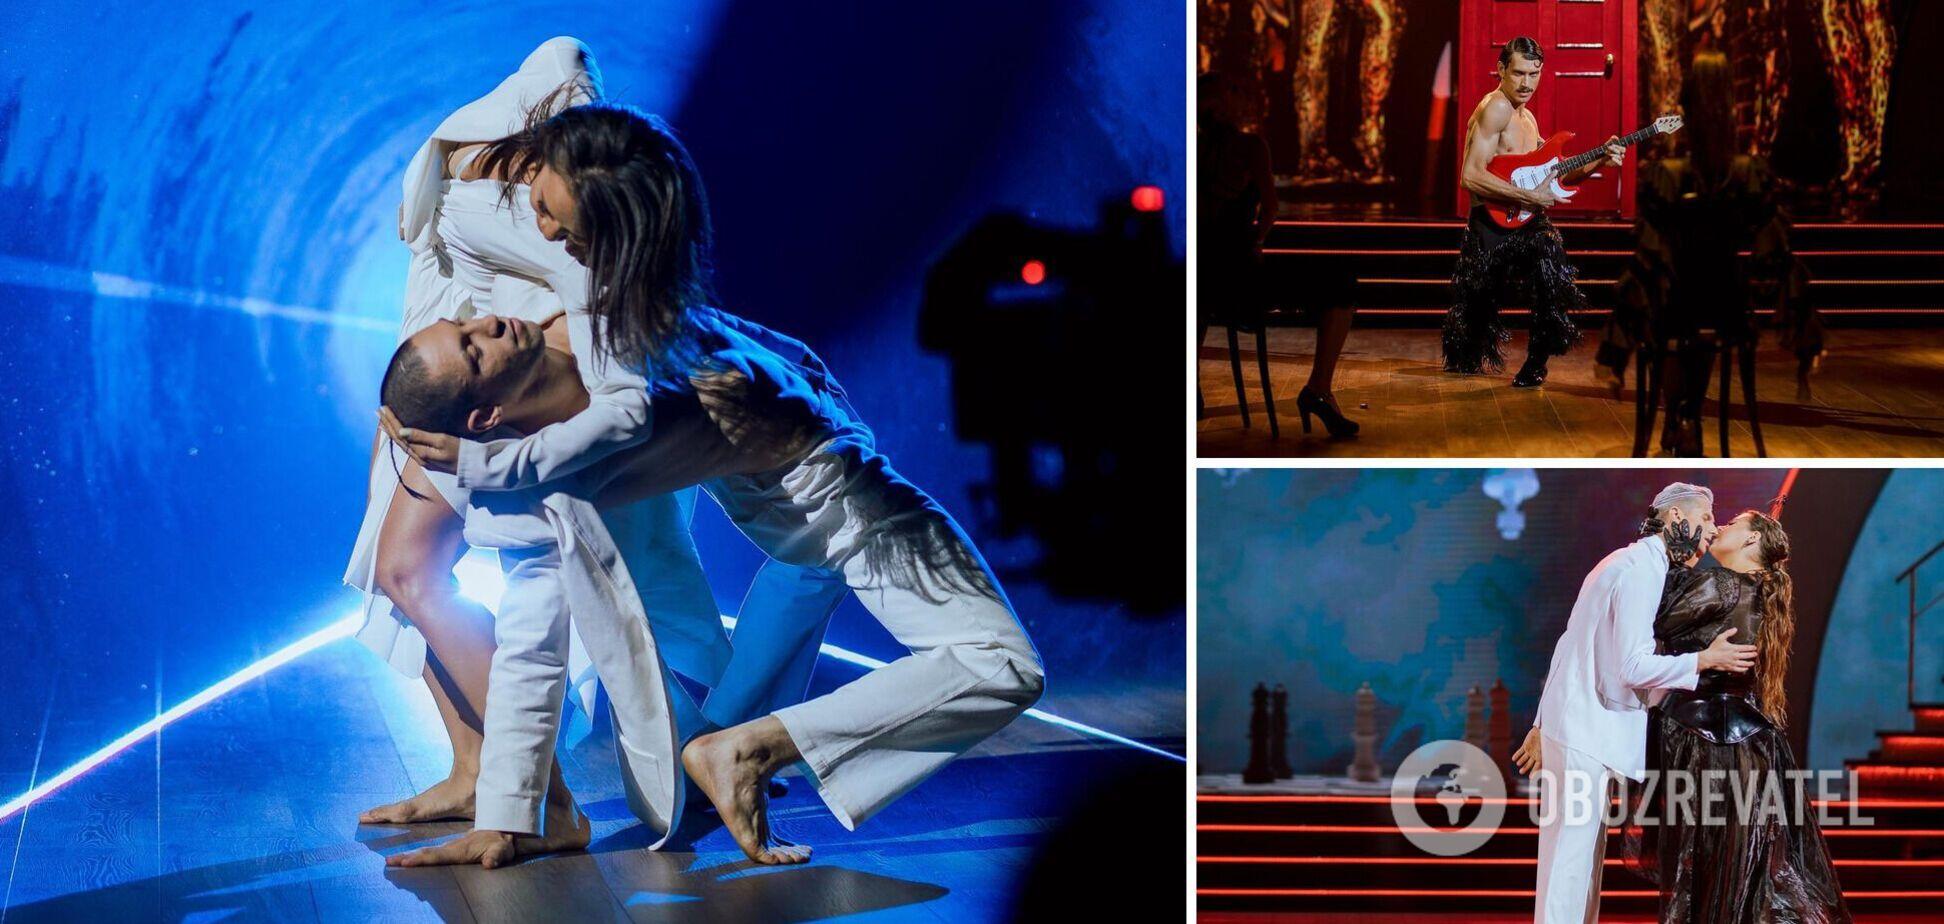 Единица от жюри и откровения участников: как прошел первый выпуск 'Танців з зірками 2021'